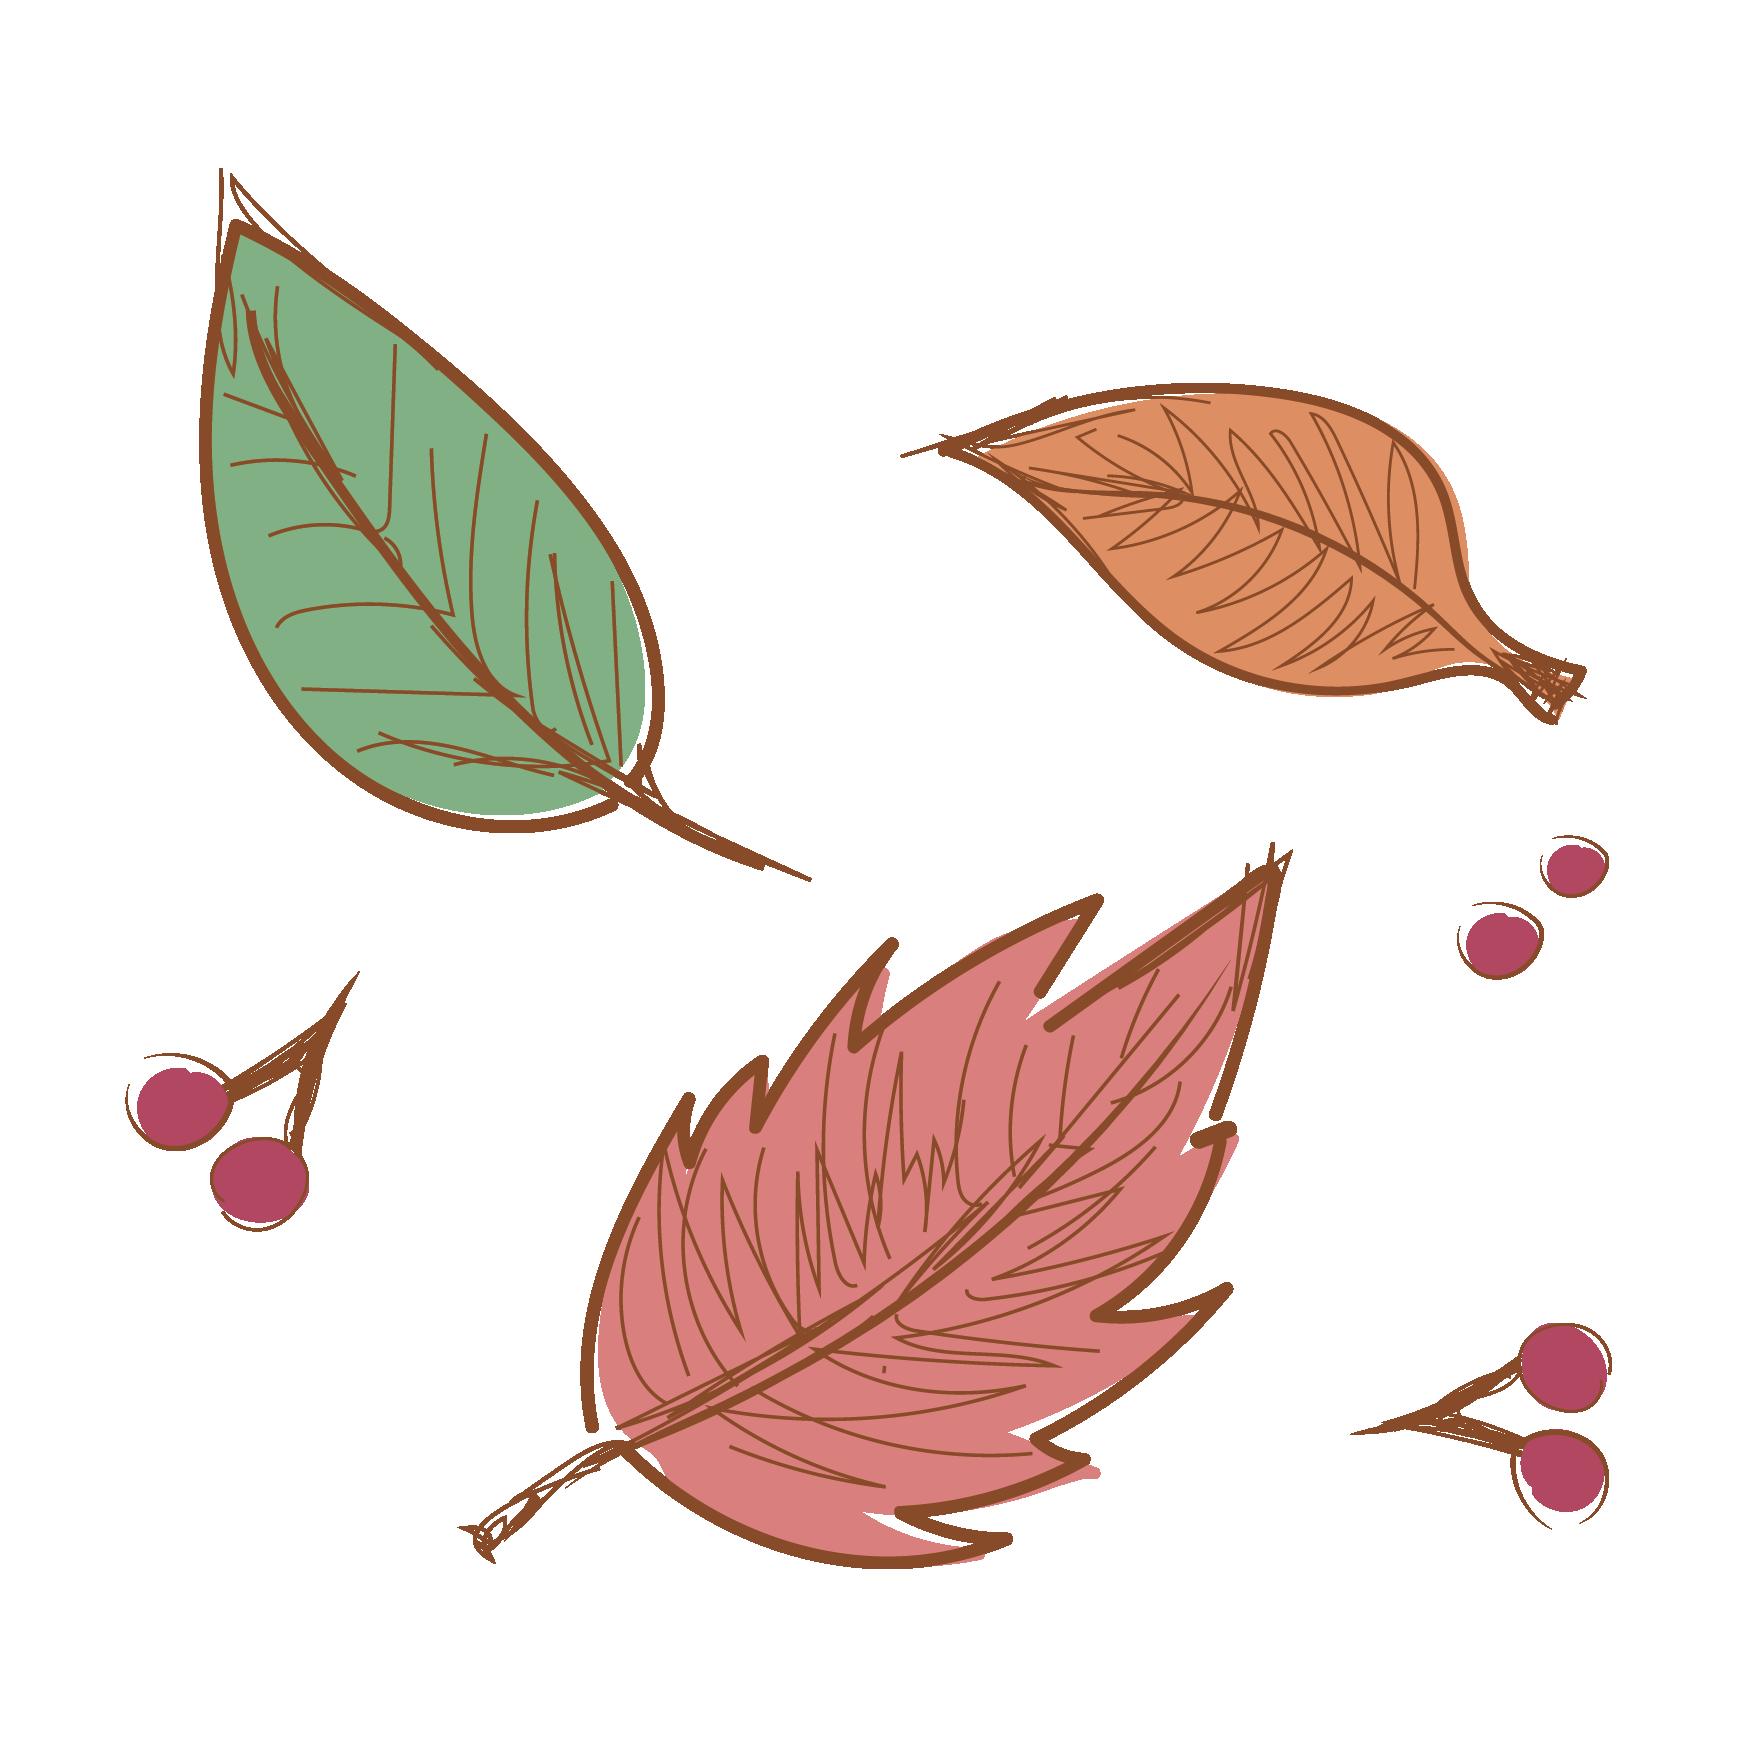 秋の紅葉】落ち葉(葉っぱ)のイラスト | 商用フリー(無料)のイラスト